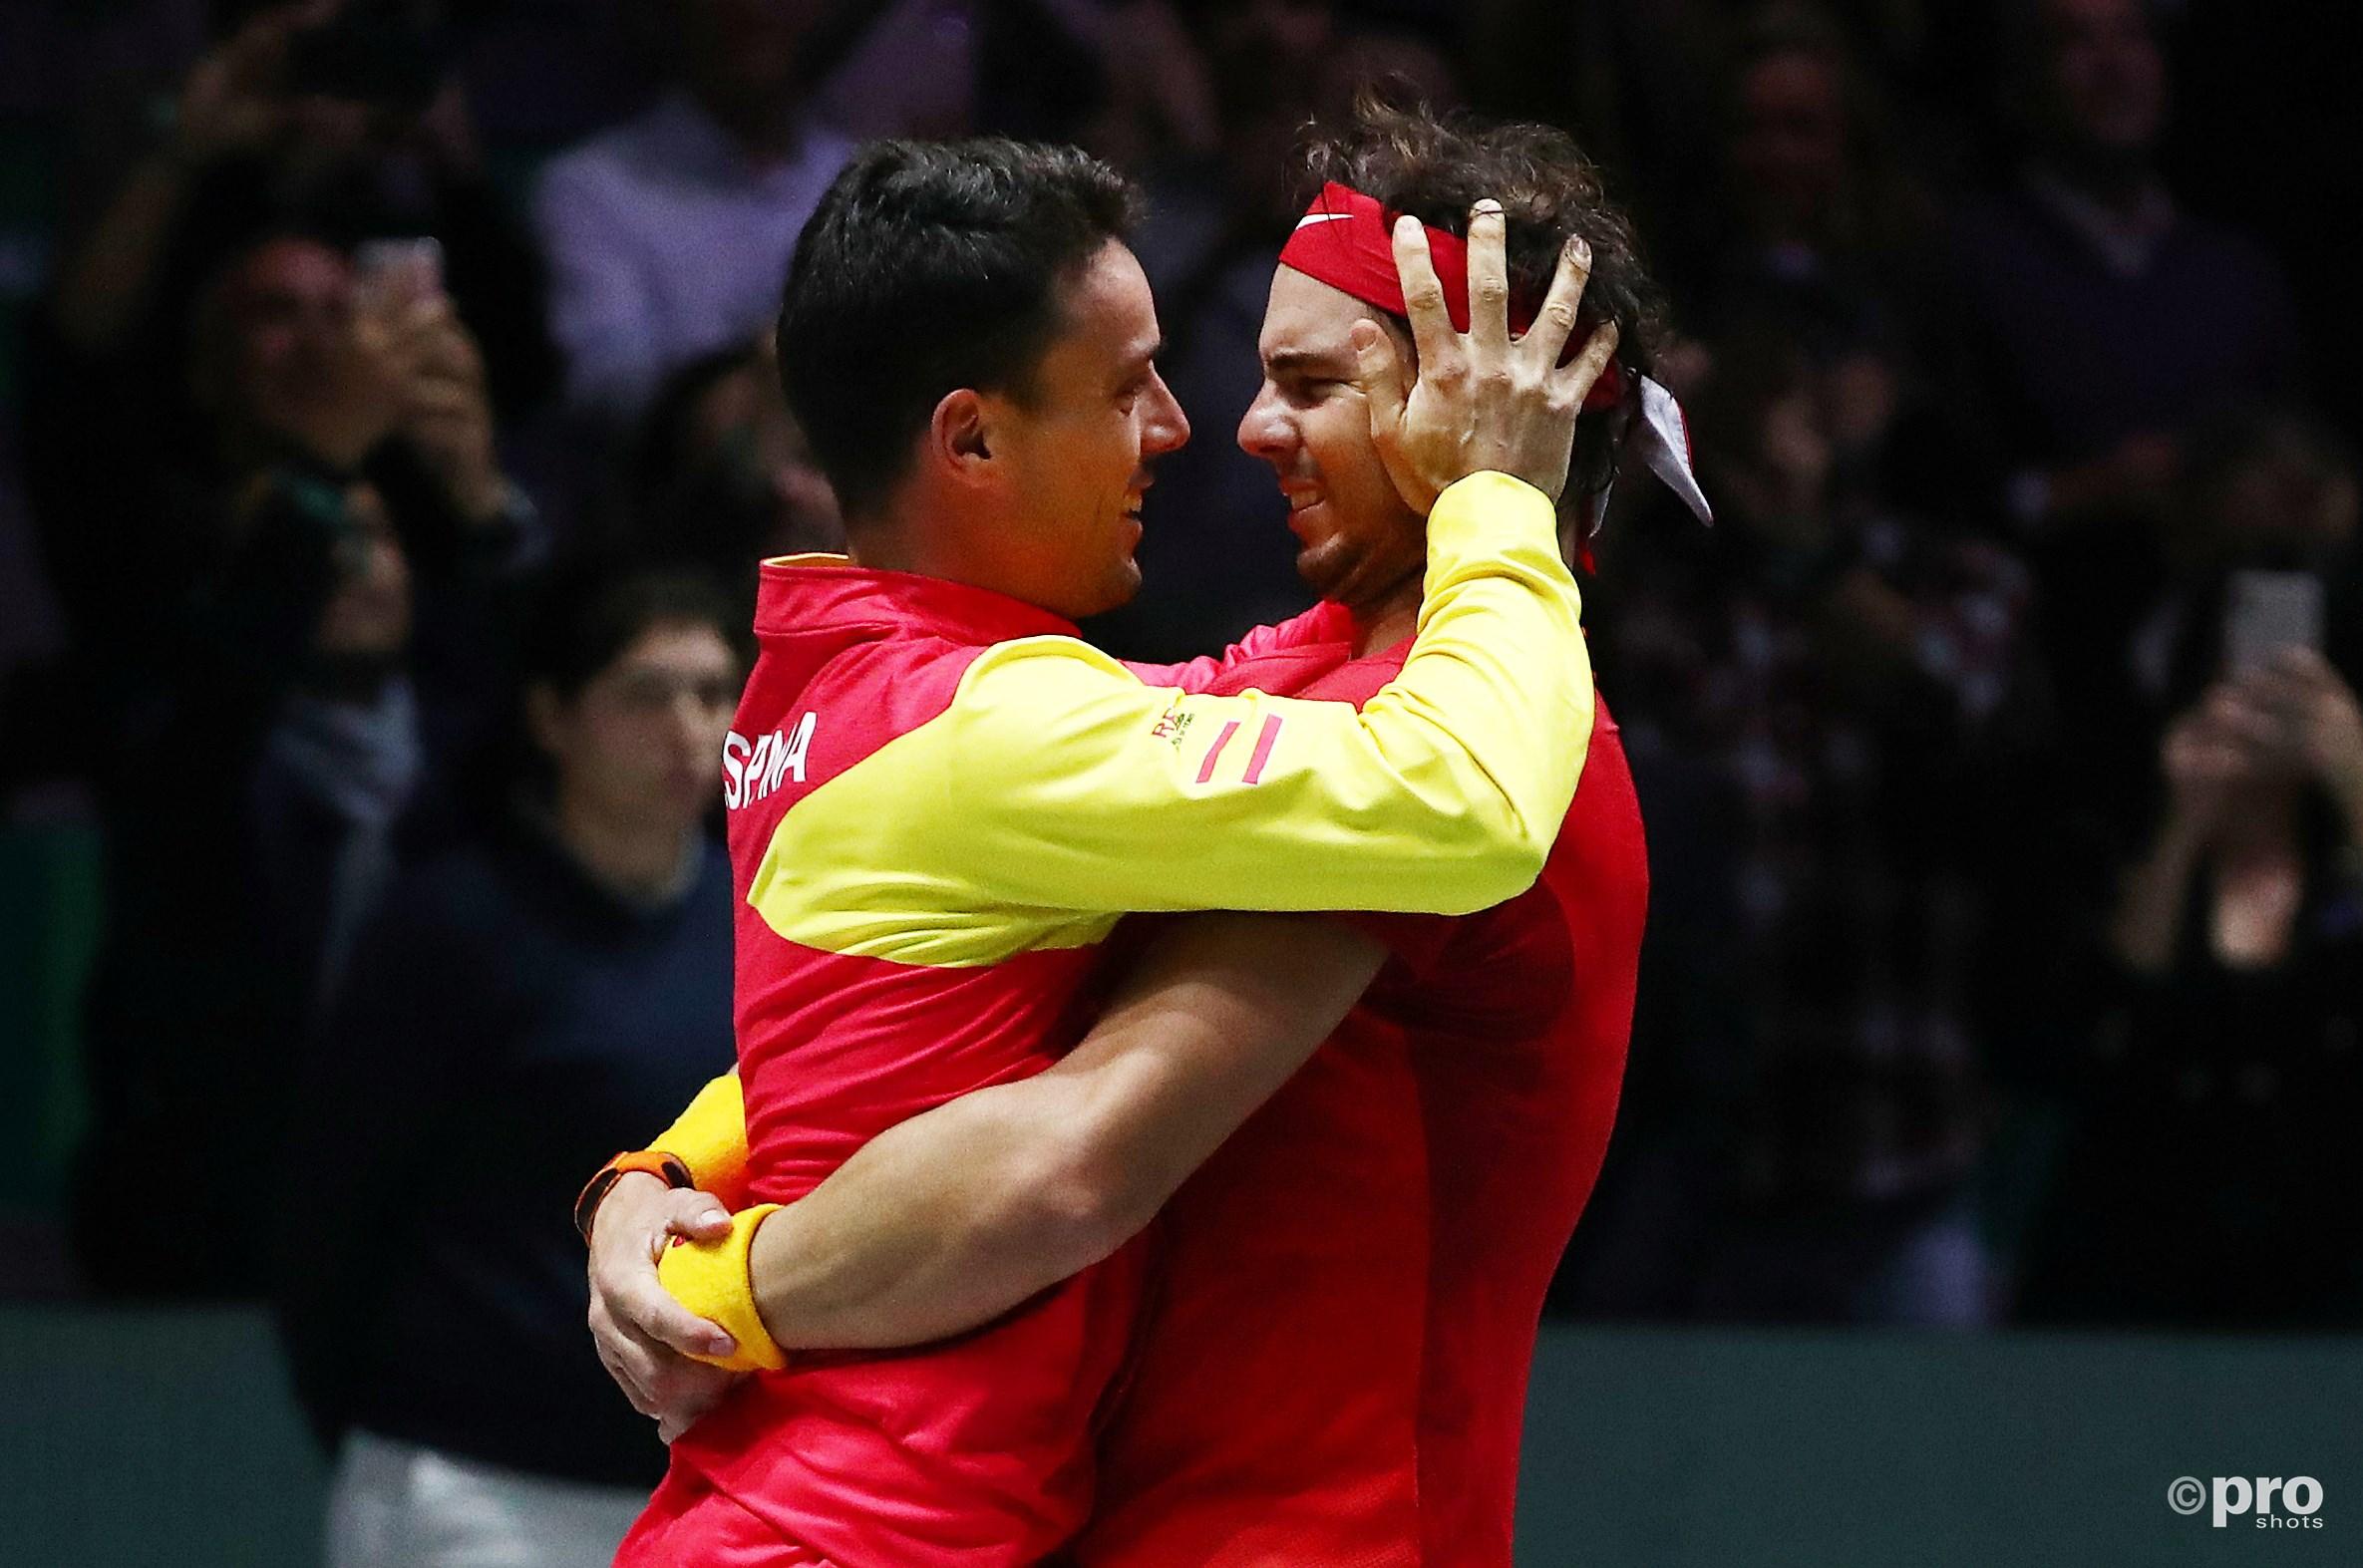 Bautista Agut en Nadal bezorgen Spanje winst Davis Cup (Pro Shots / Action Images)